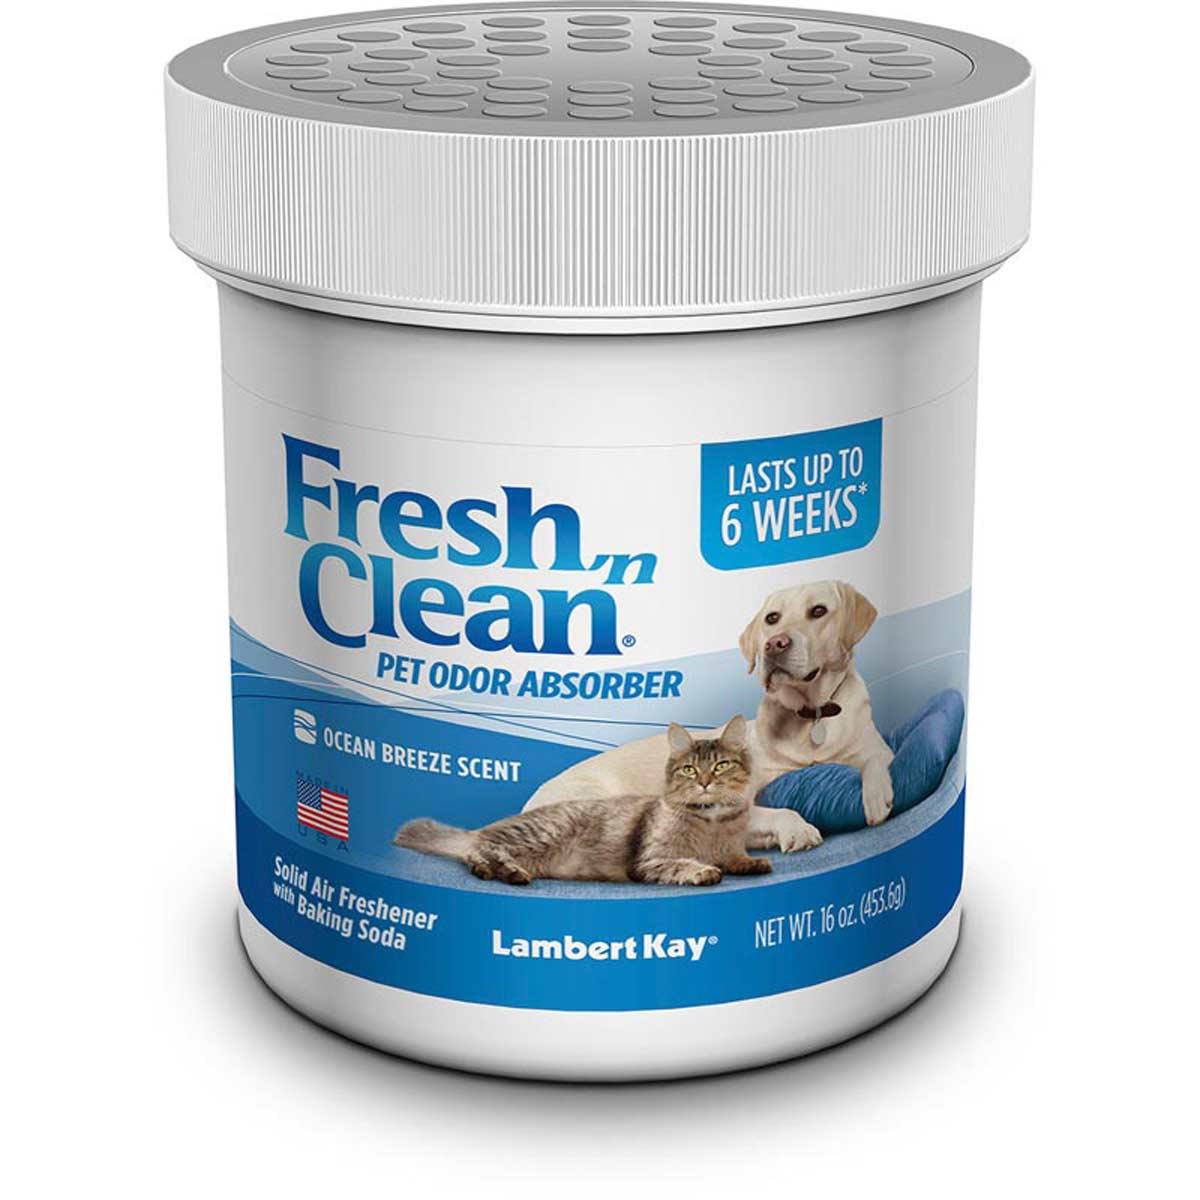 Fresh n Clean Pet Odor Absorber Ocean Breeze 16 oz Jar